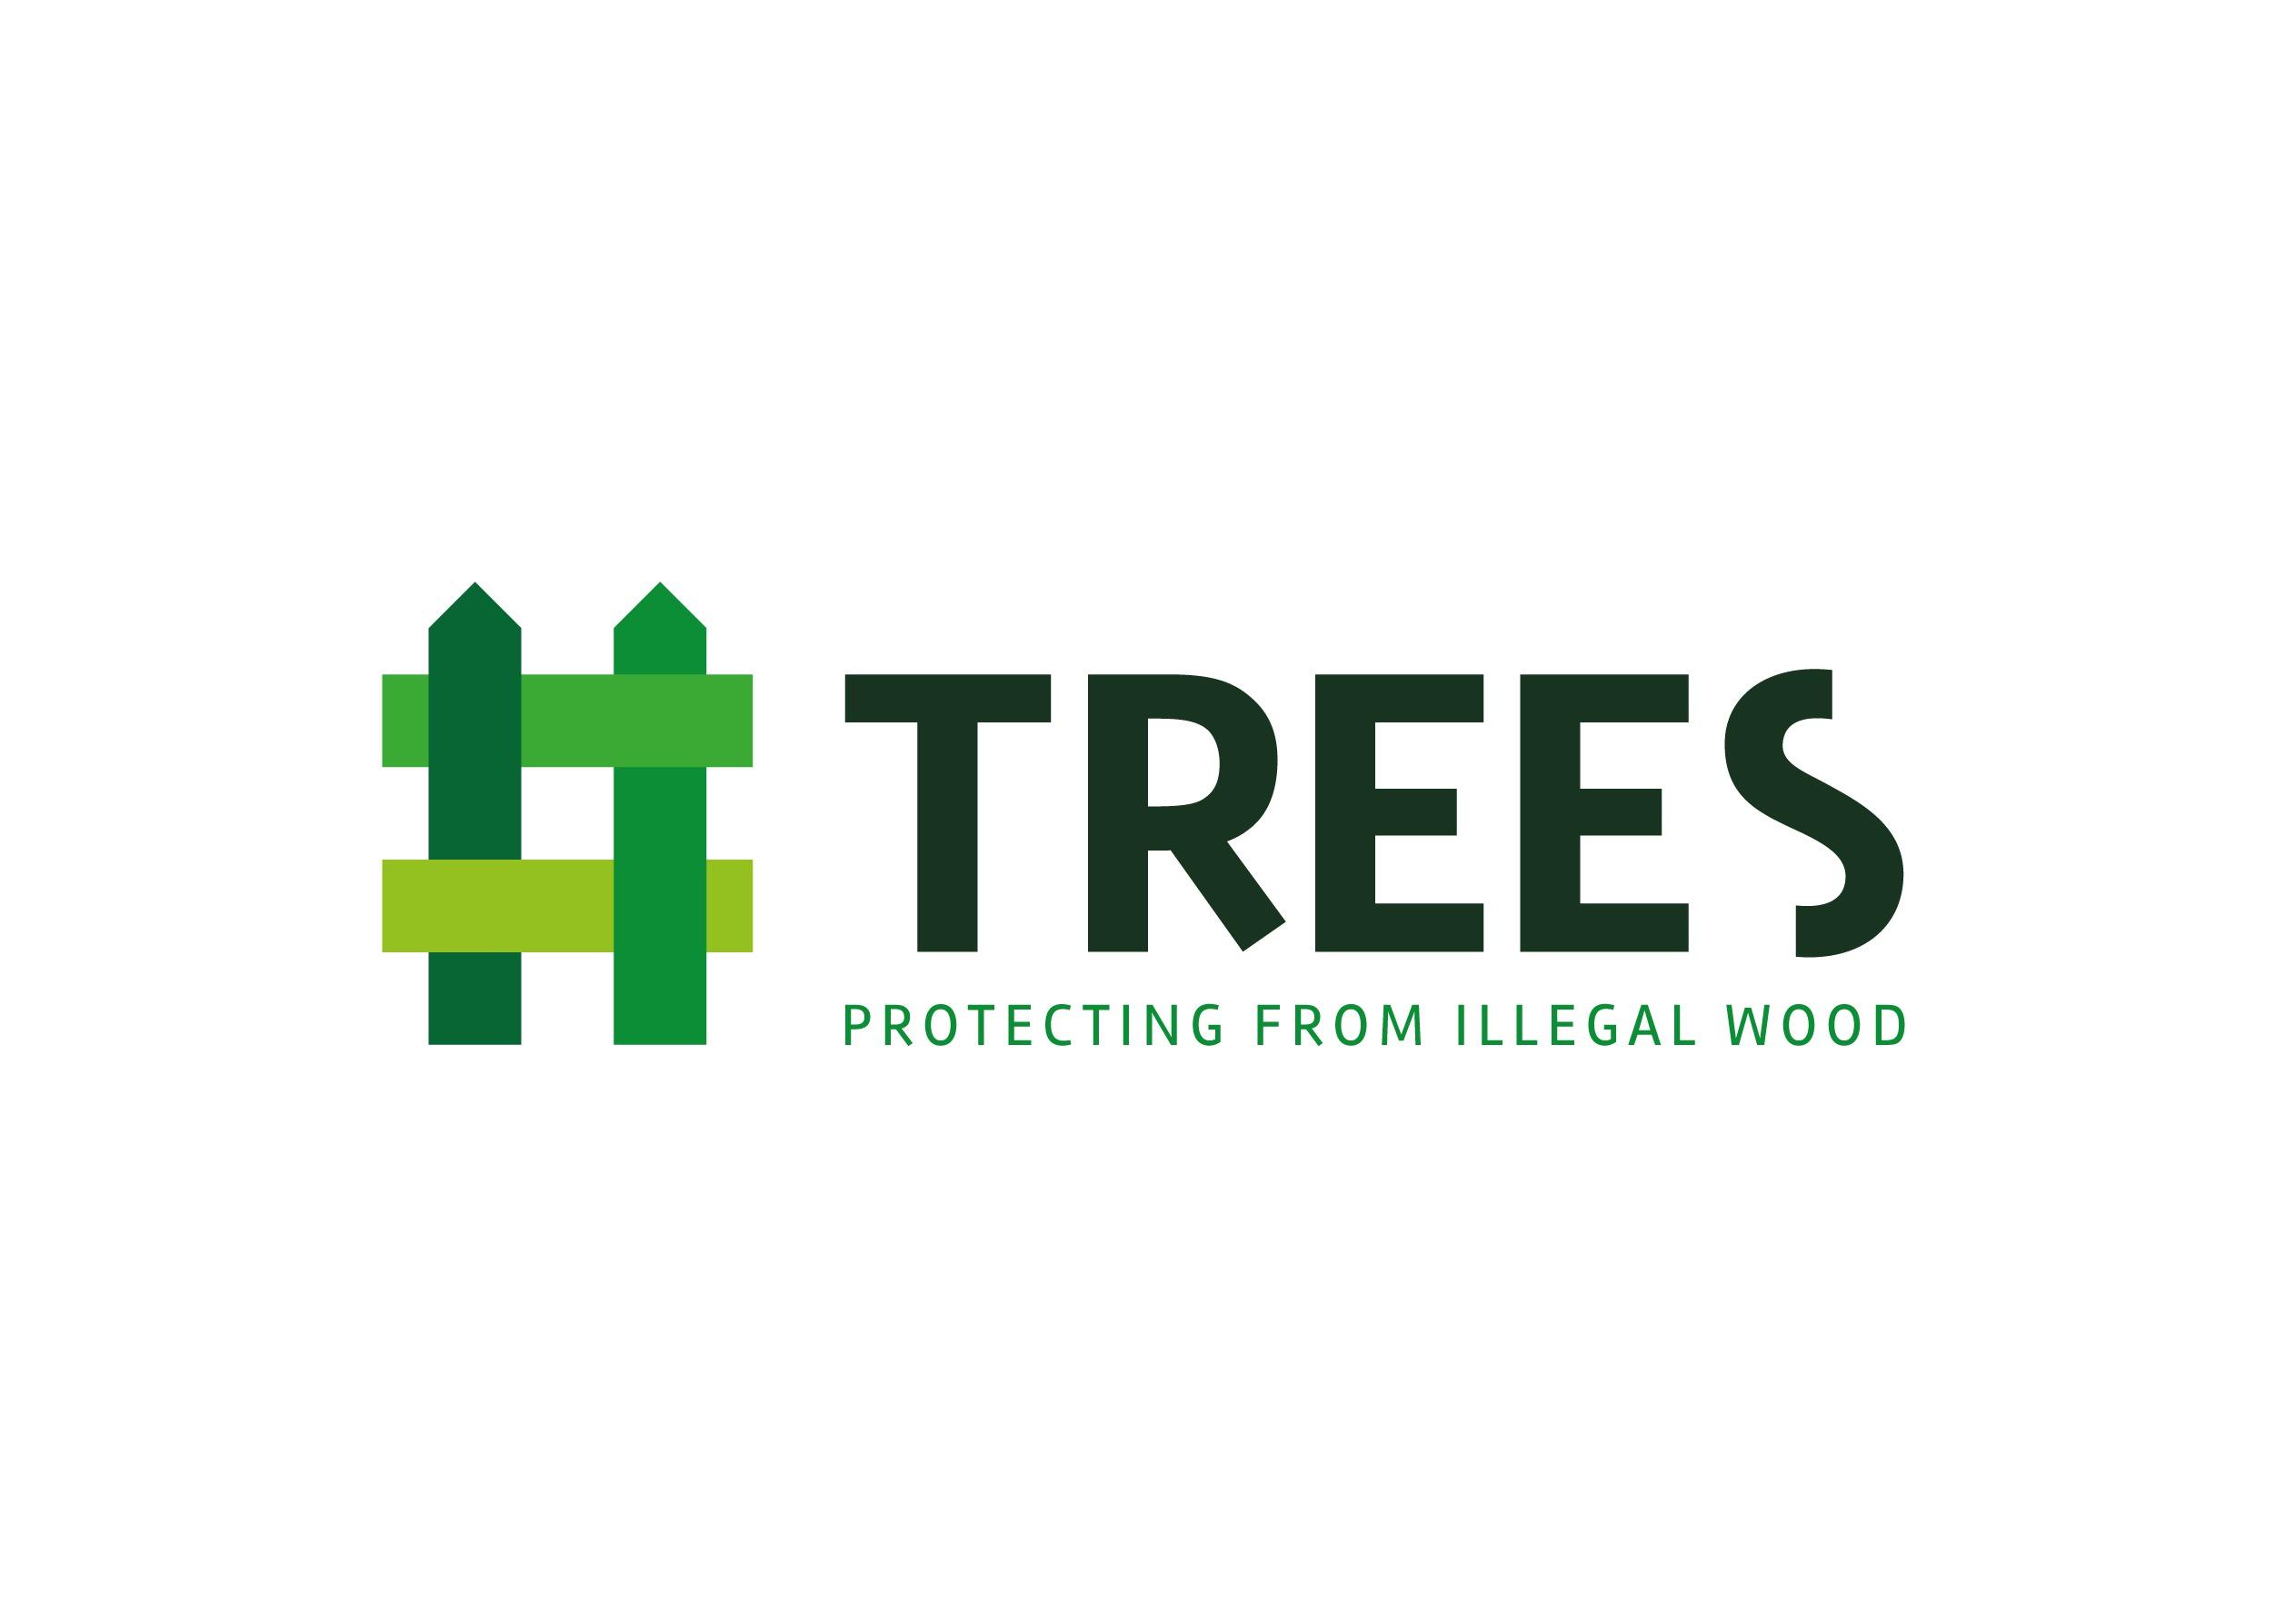 Logo-Trees